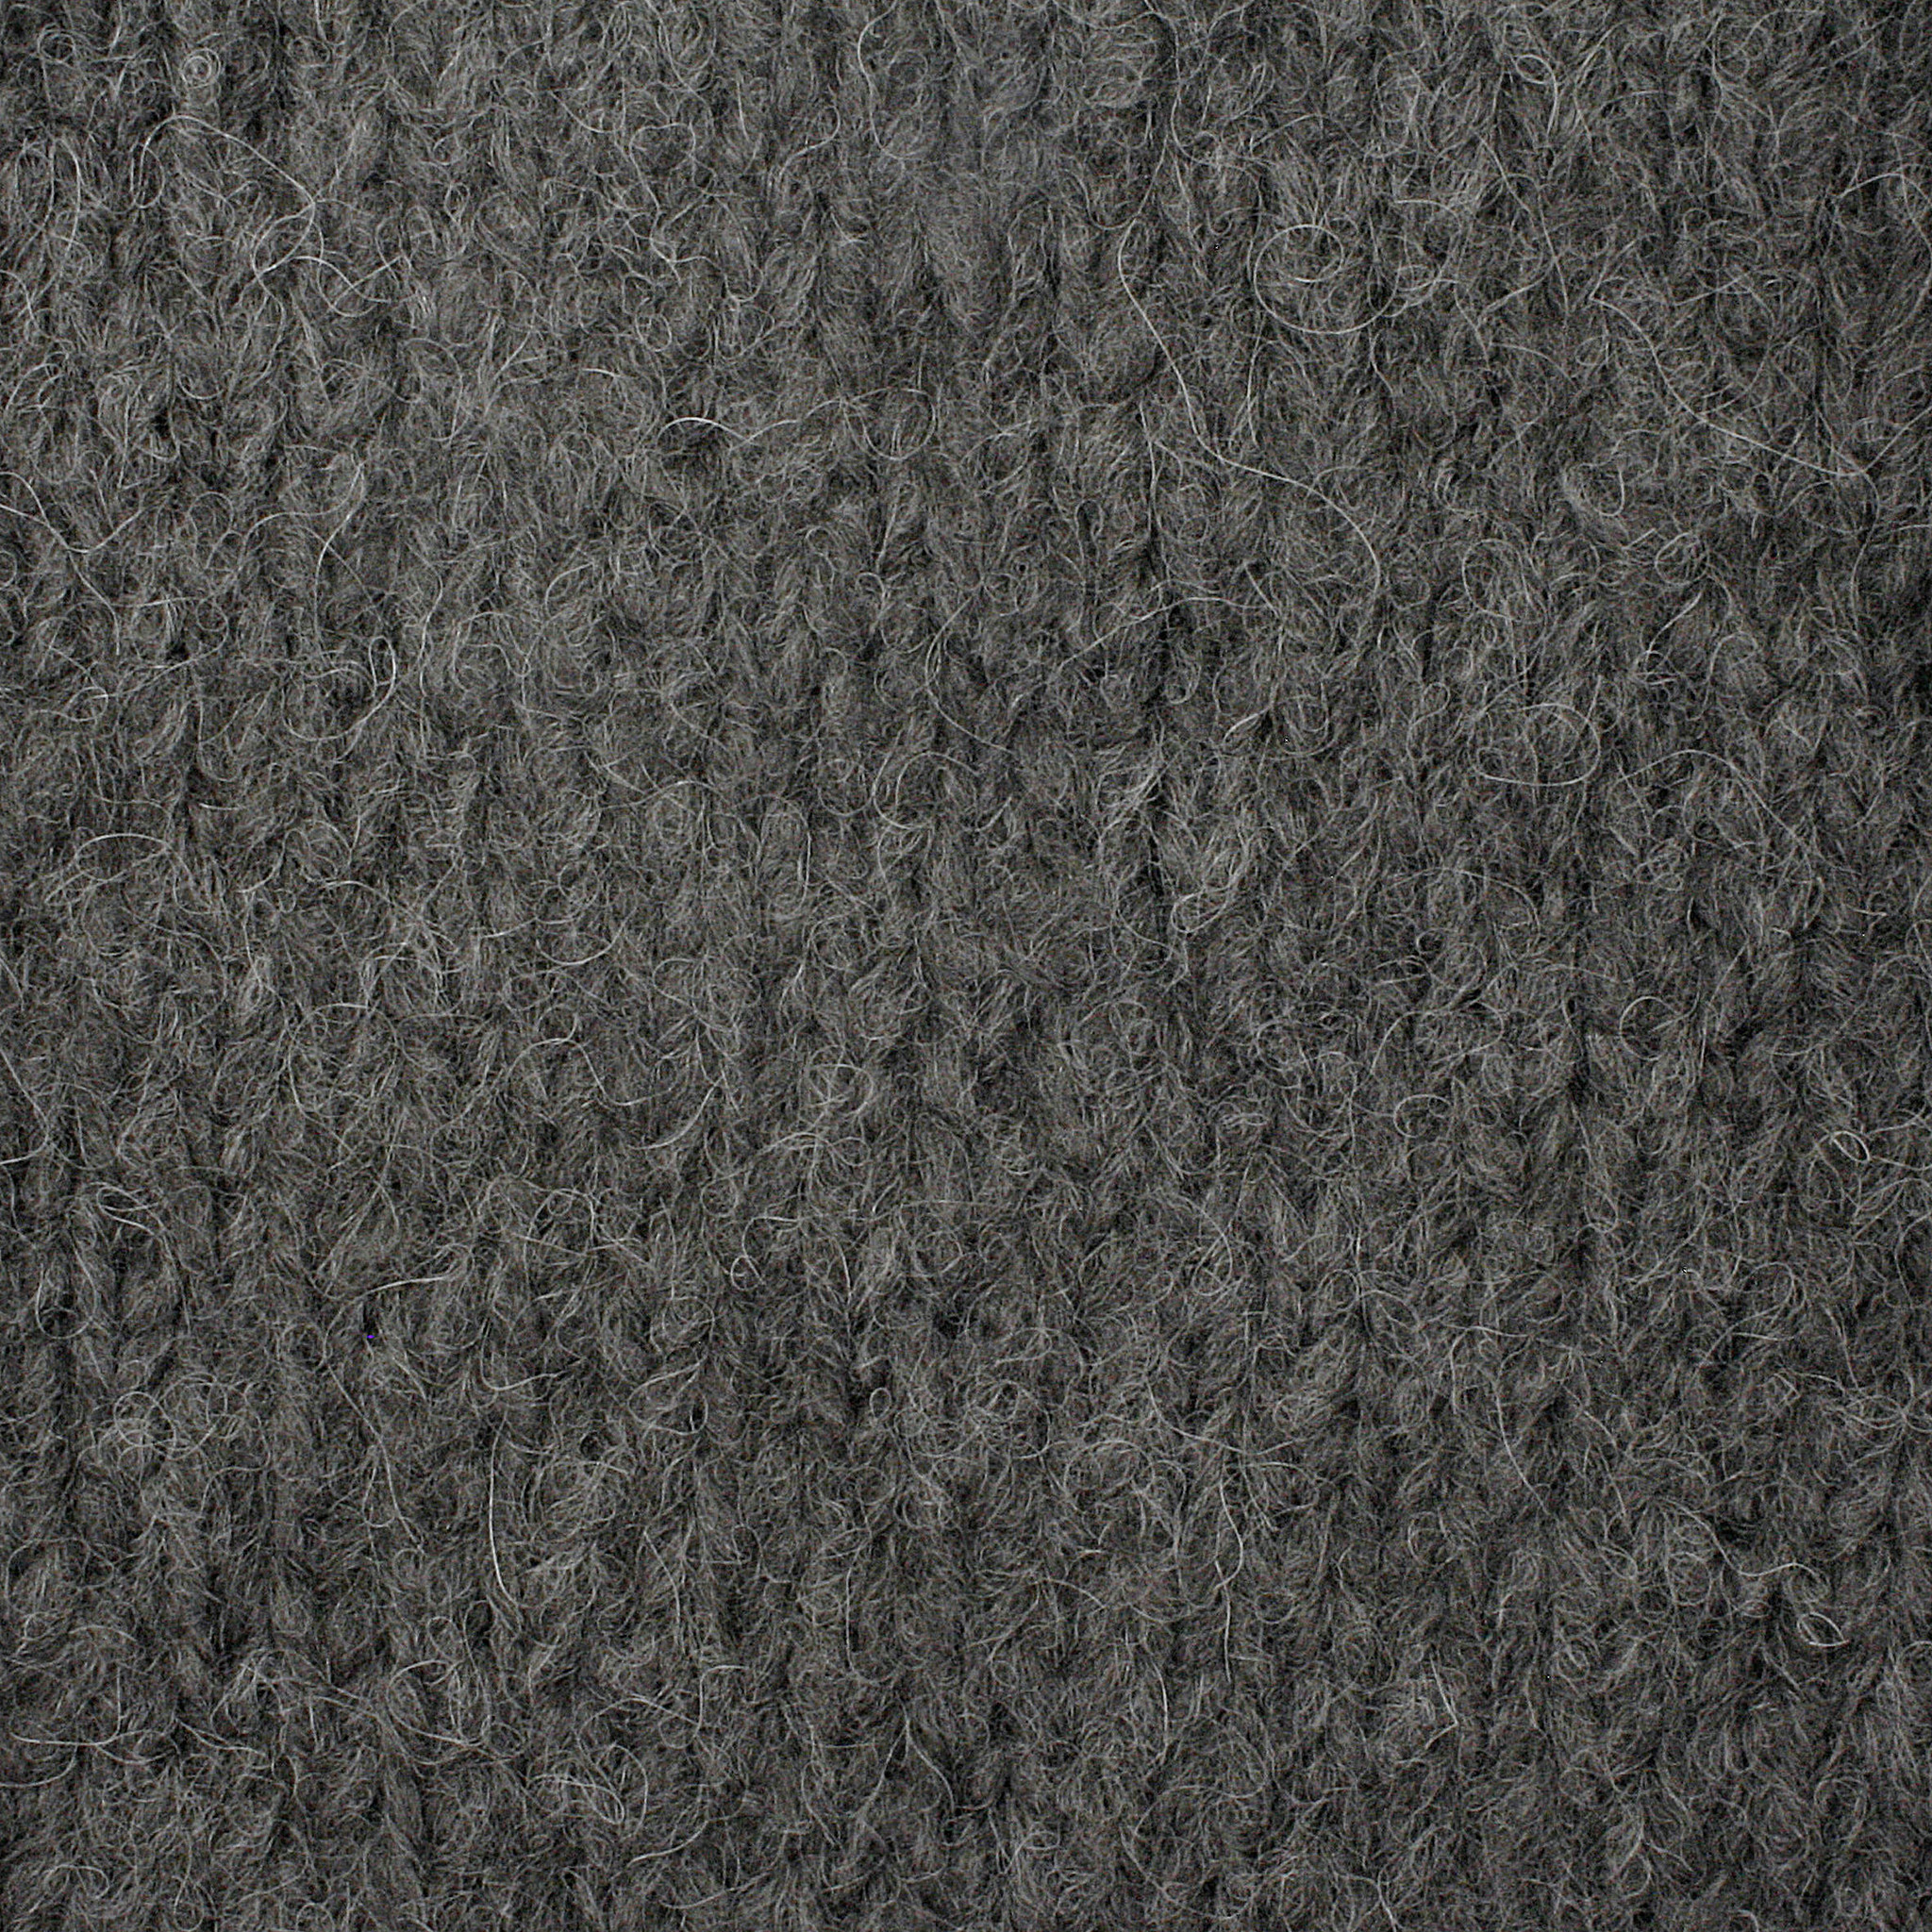 Lang Yarns Trust - 067 - Dark Brown